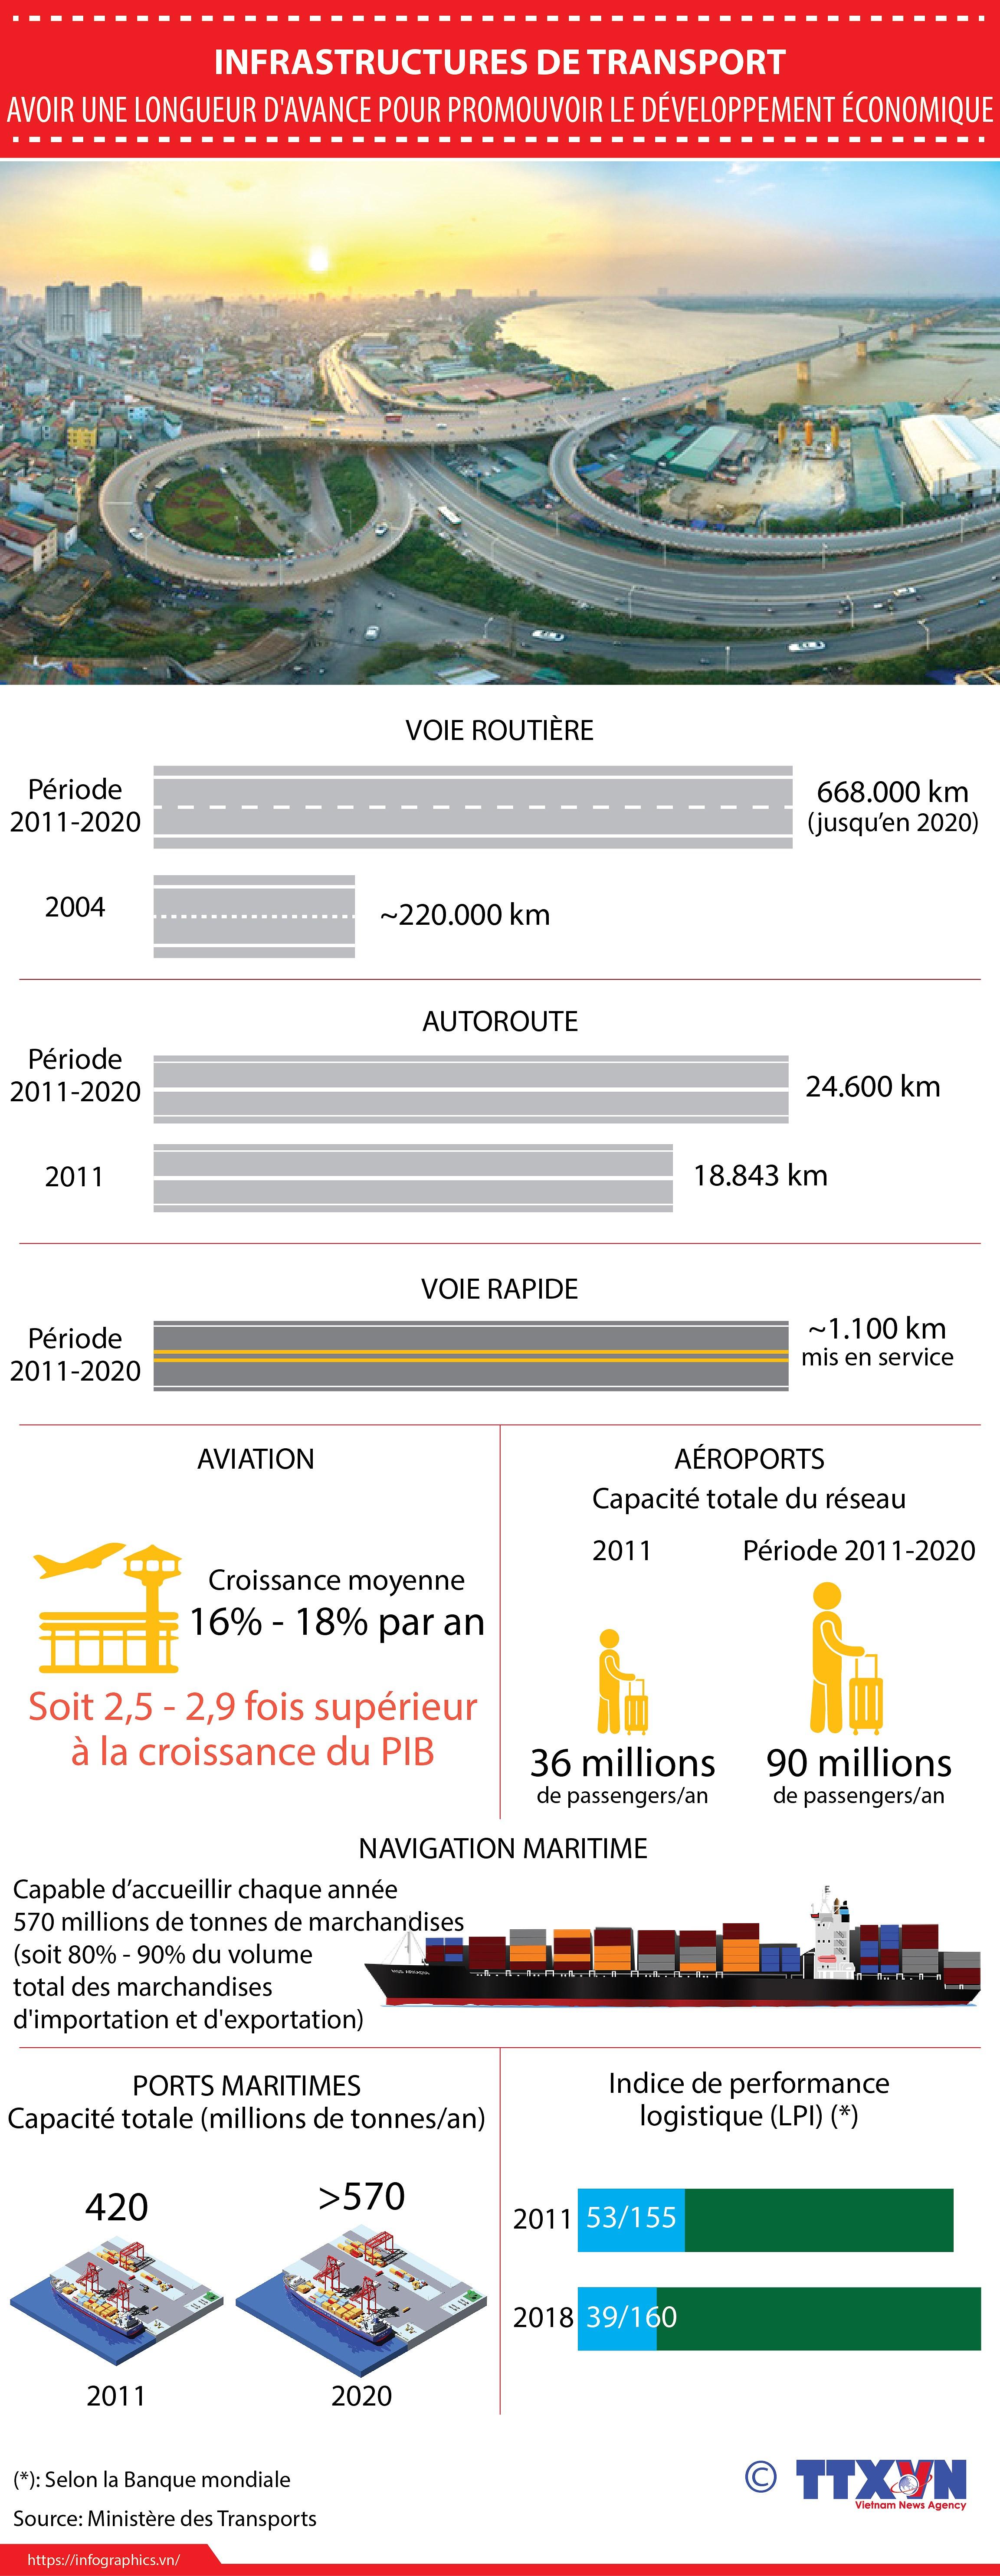 Transport: Avoir une longueur d'avance pour favoriser le developpement economique hinh anh 1